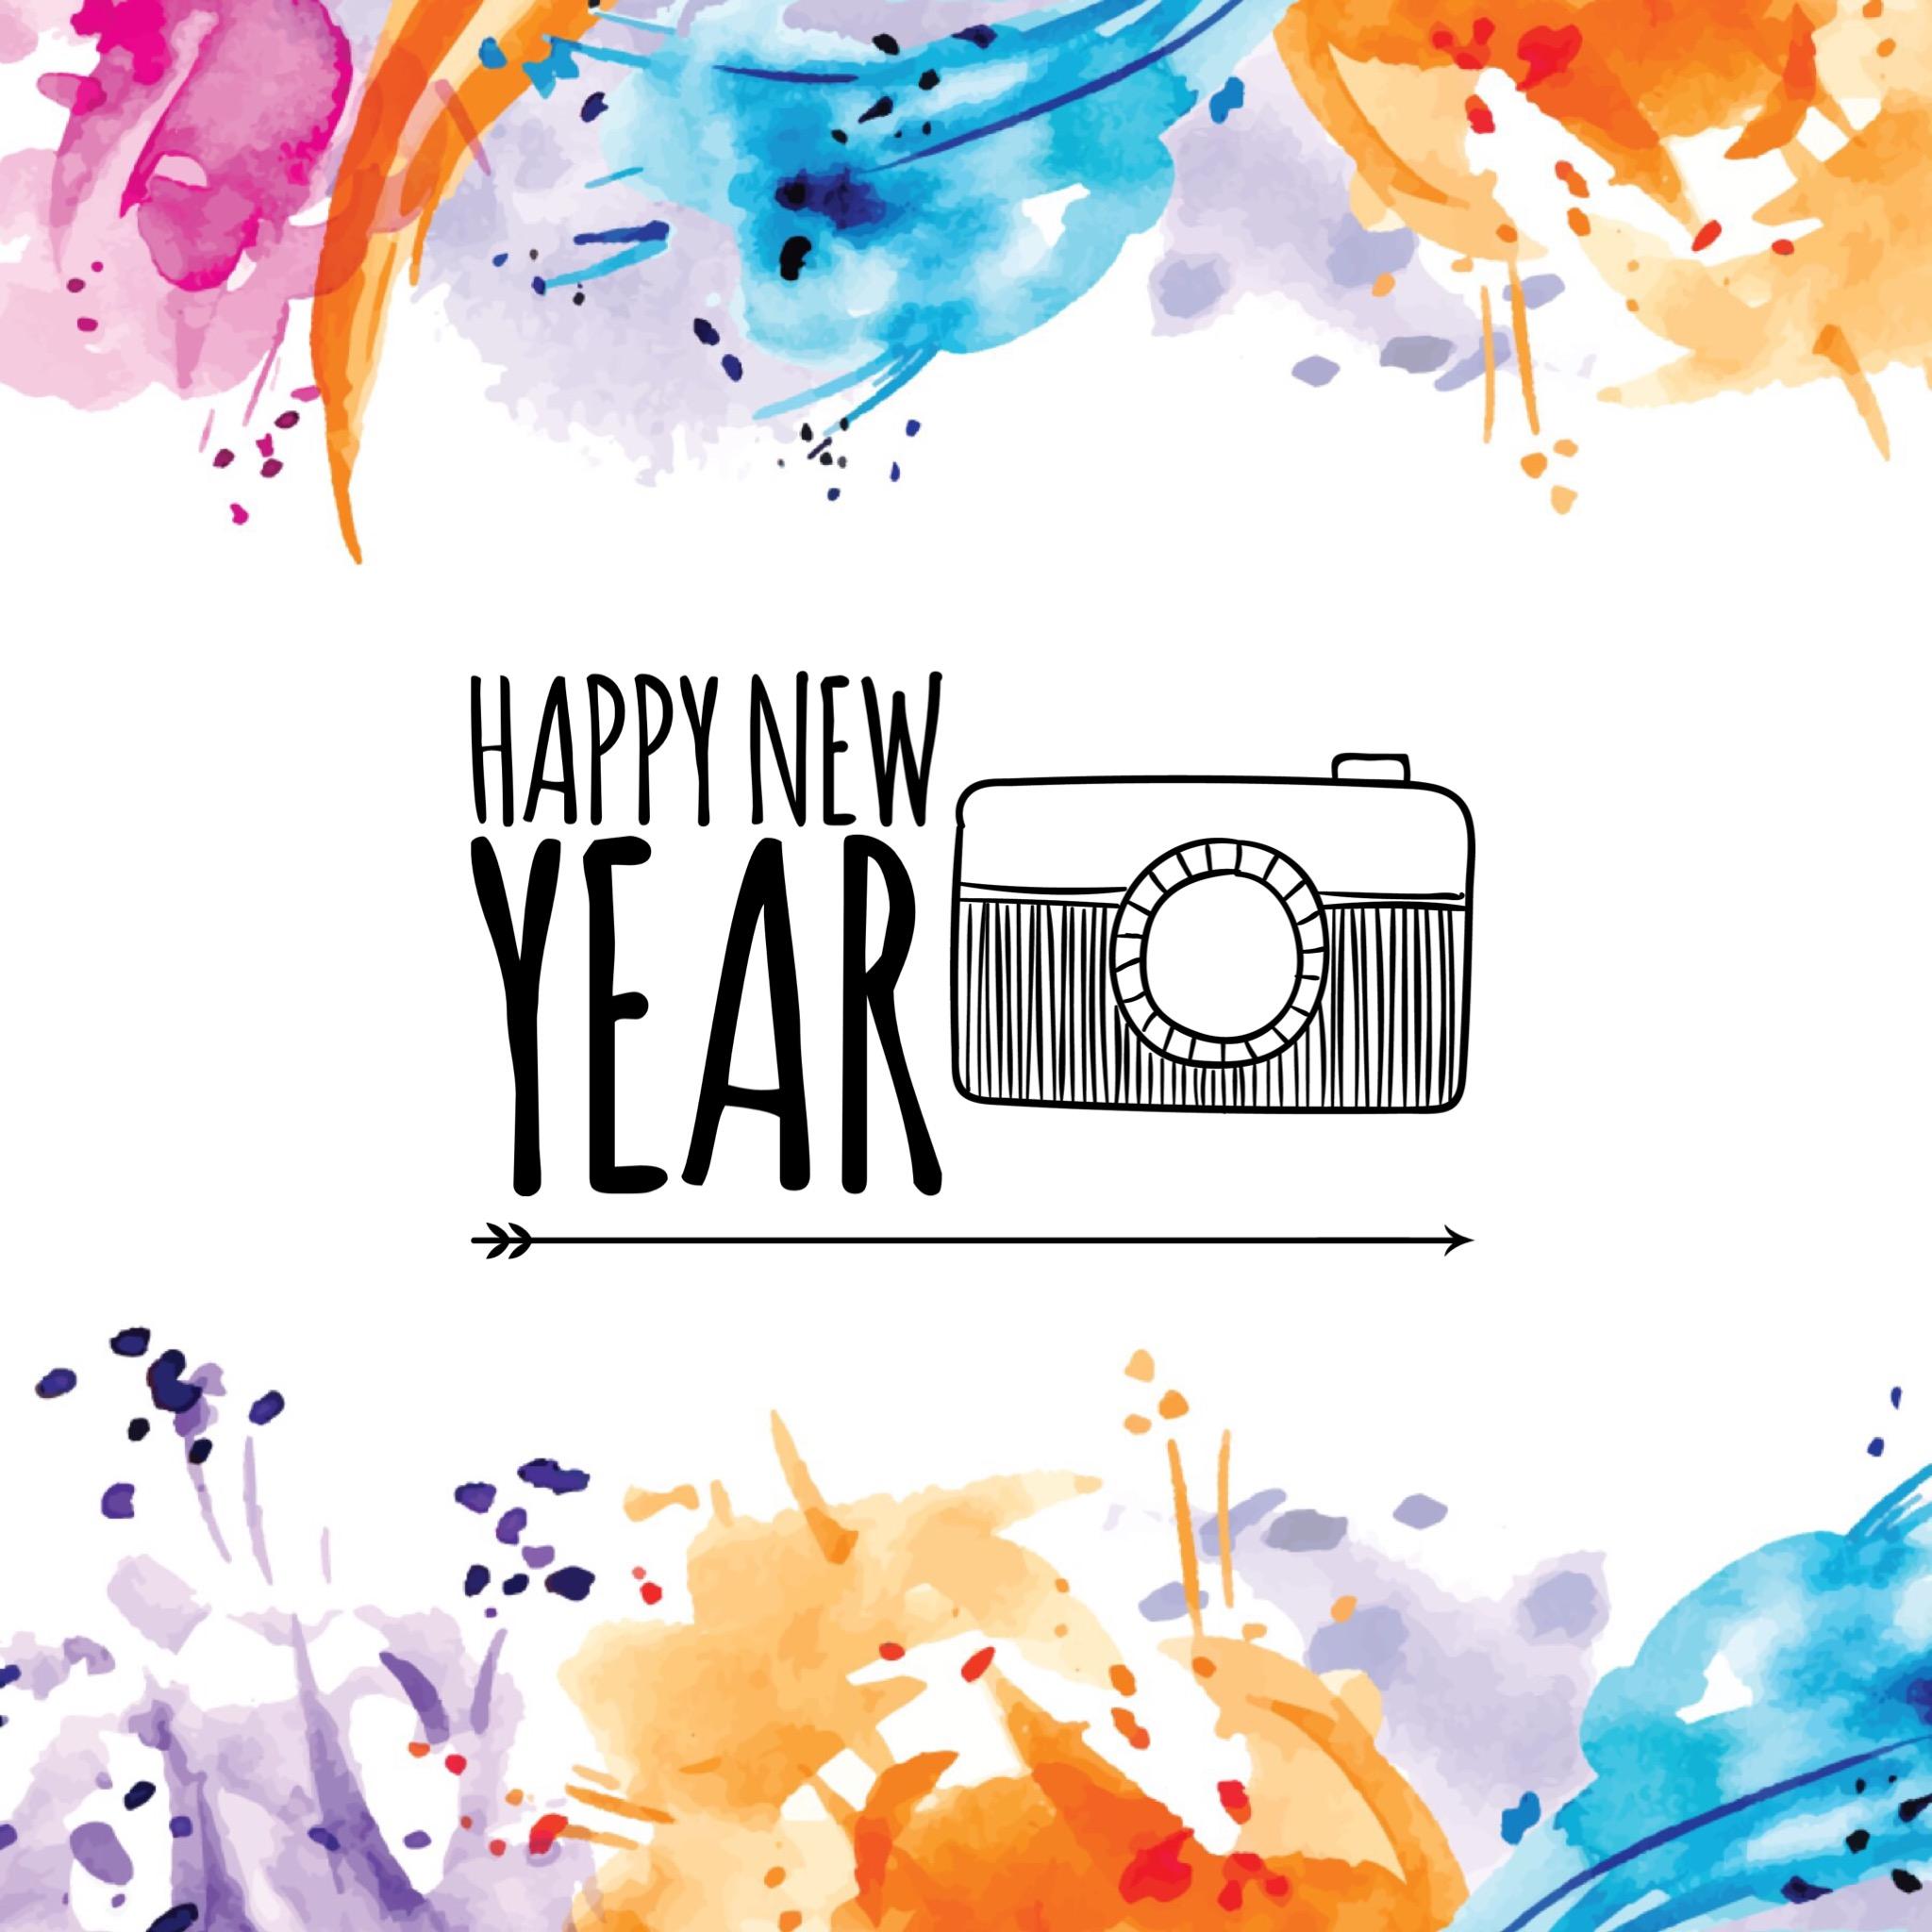 Frohes neues Jahr 2017/18 wünscht Lina Lackiert